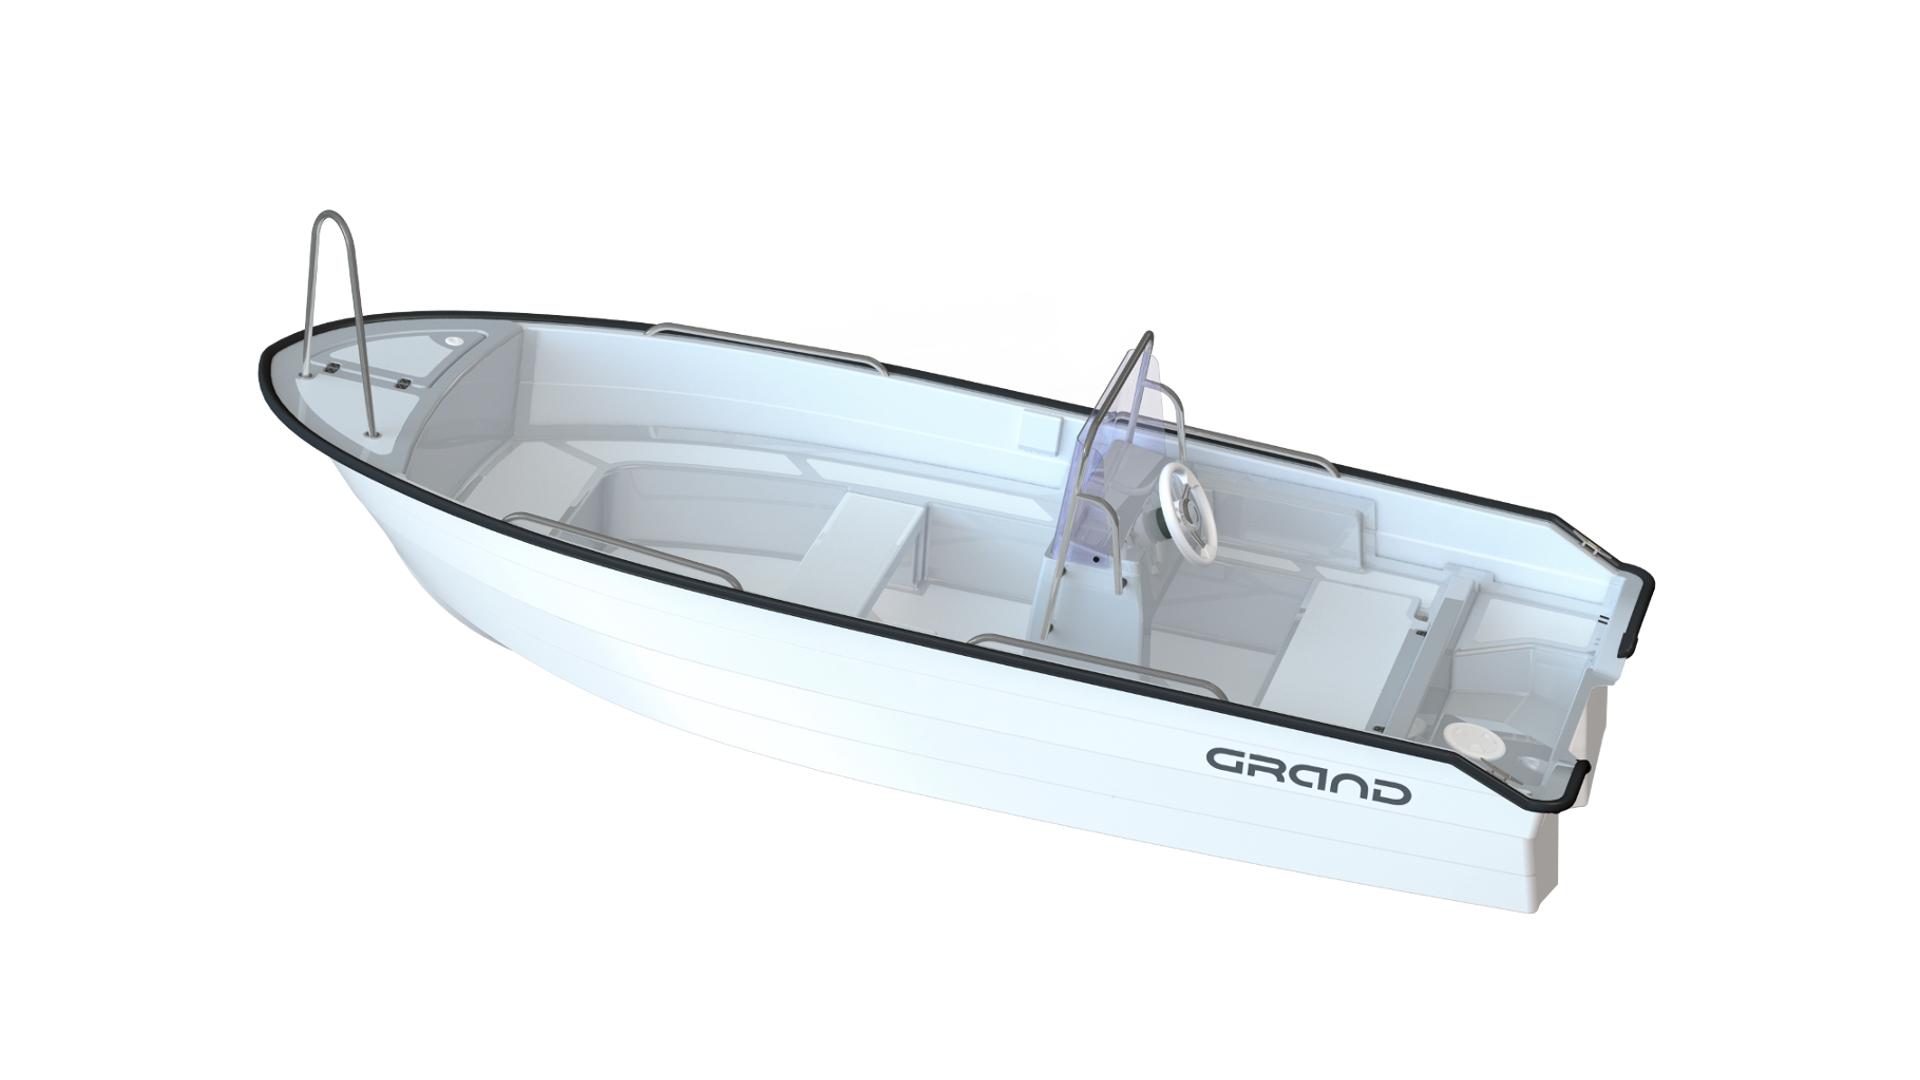 Стеклопластиковая моторная лодка GRAND Nautilus N440L, GRAND N440L, GRAND Nautilus, GRAND Nautilus N440L, Стеклопластиковая моторная лодка GRAND, Моторная лодка GRAND, Стеклопластиковая лодка GRAND, Лодка для рыбалки, Лодка для большой компании